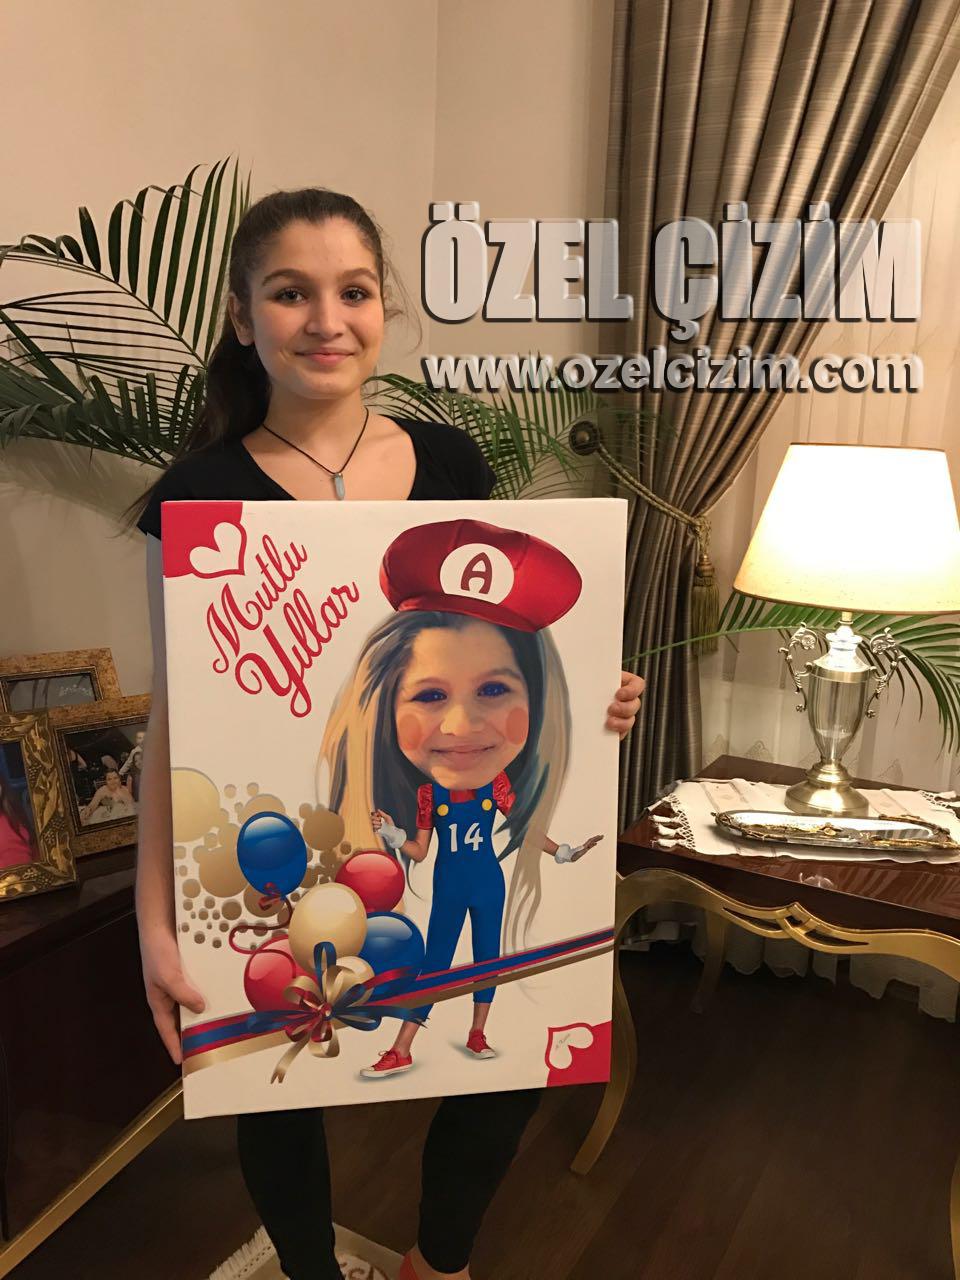 Hediye Karikatür Super Mario, kızıma hediye, karikatür,doğum günü hediyesi, çocuğunuza hediye, eğlenceli hediye, komik hediye, super mario, anne kız, Farklı Hediye, Özel Çizim,